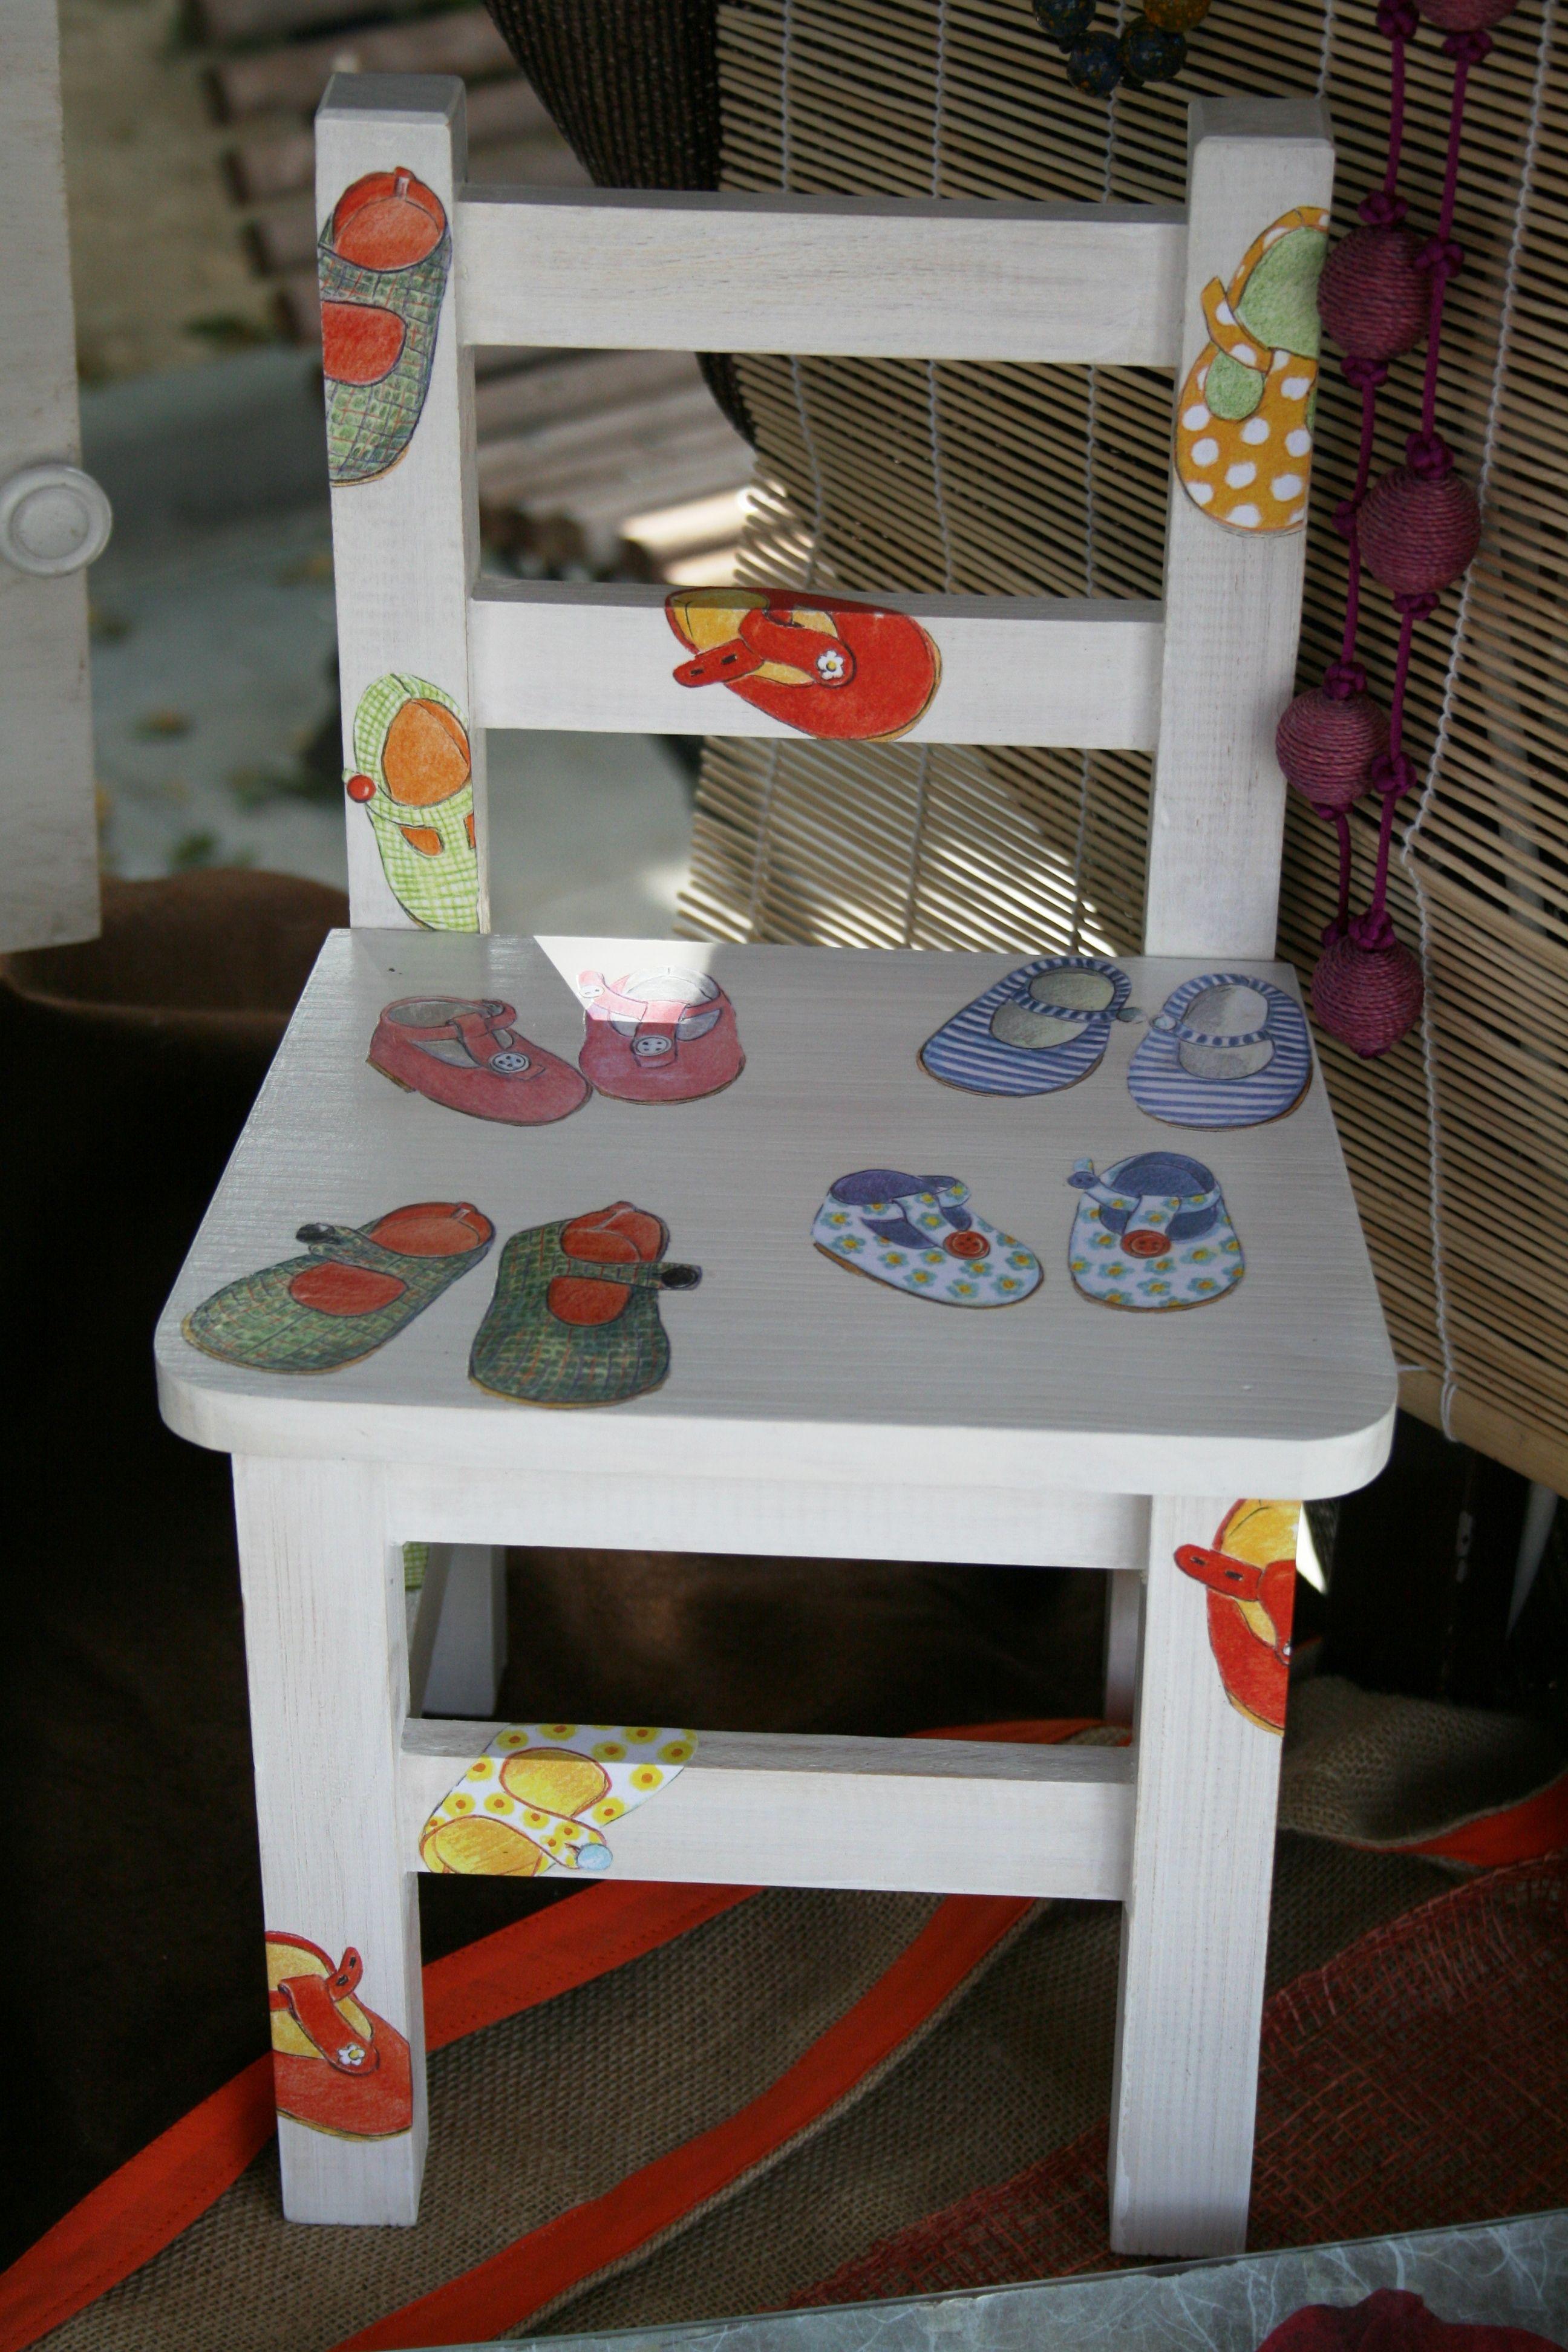 Silla infantil sillas infantiles pinterest sillas for Silla madera ninos